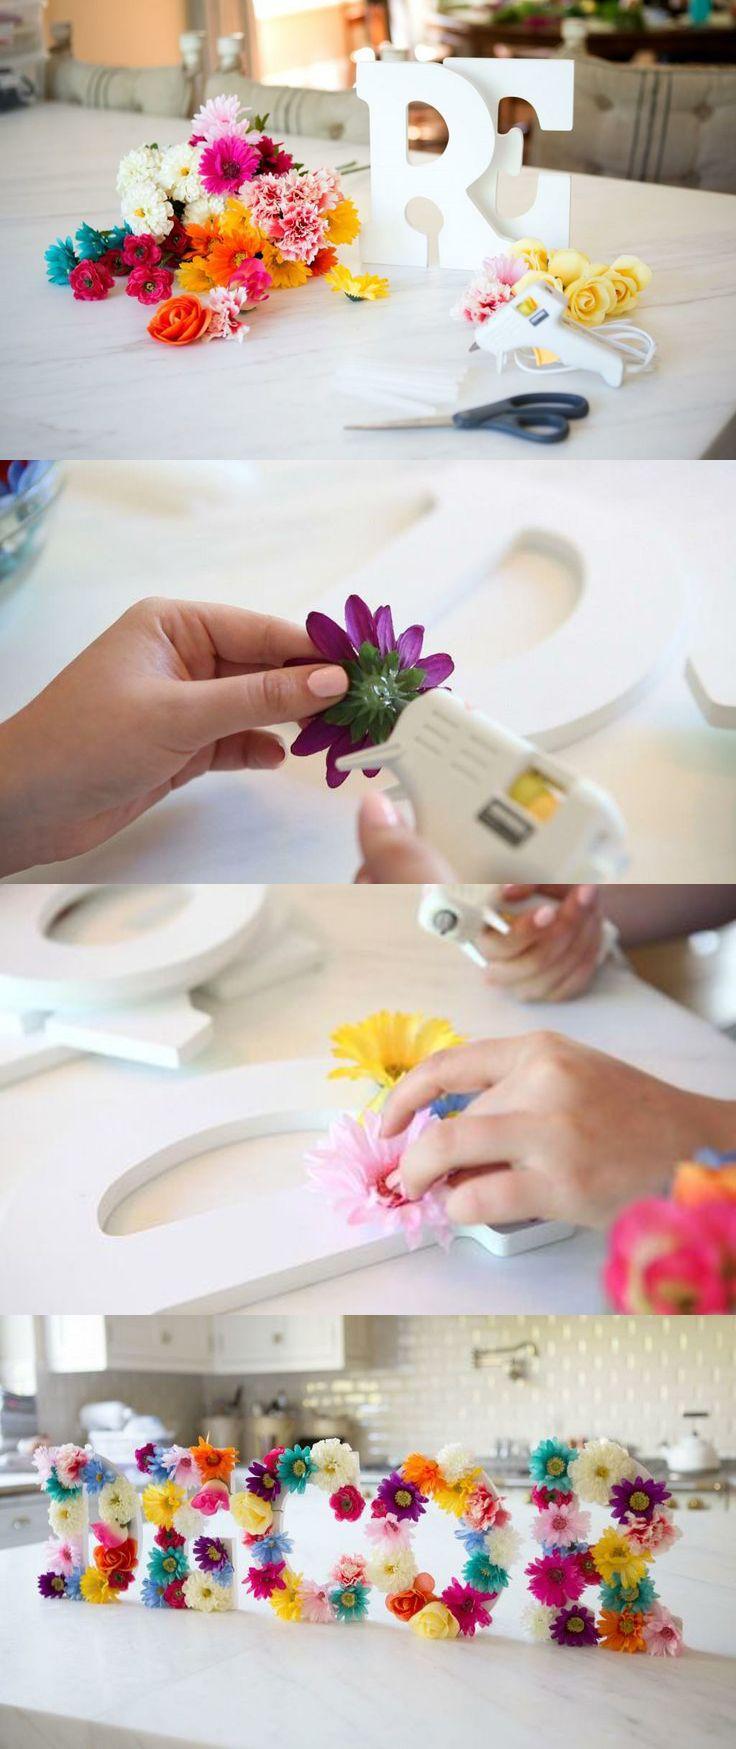 Diy Wall Flowers: Clever & Crafty DIY